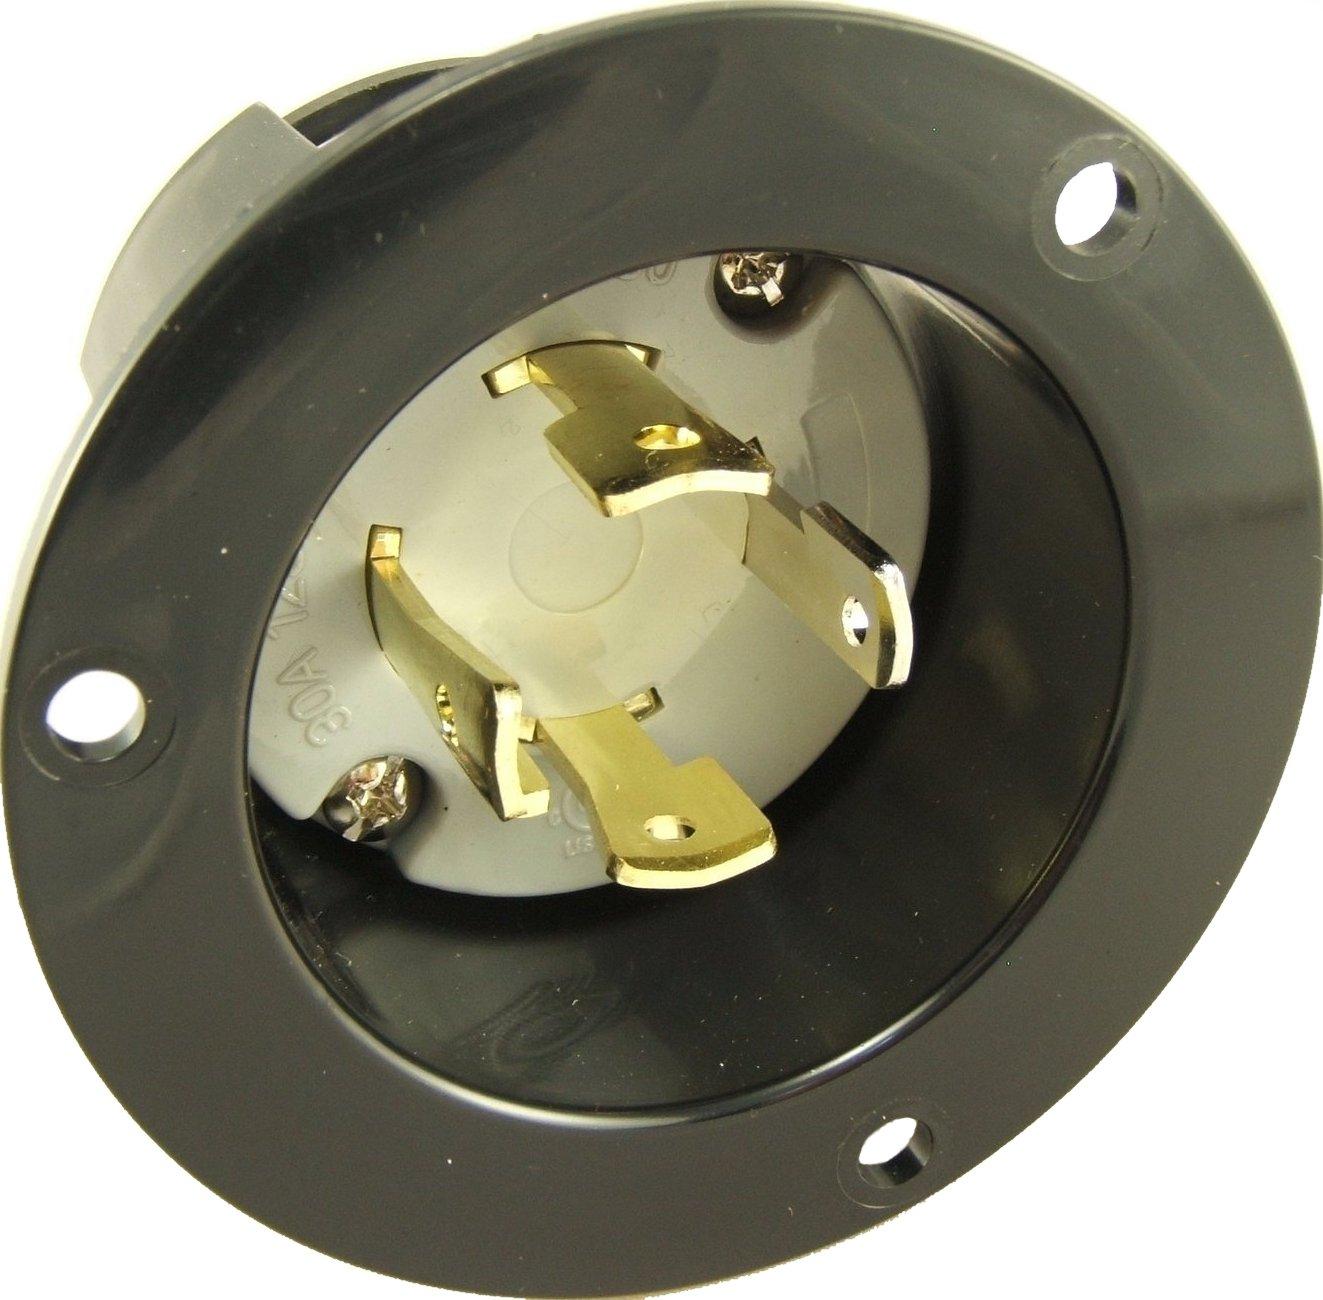 30 amp nema l14 30 flanged inlet generator plug 125 250. Black Bedroom Furniture Sets. Home Design Ideas